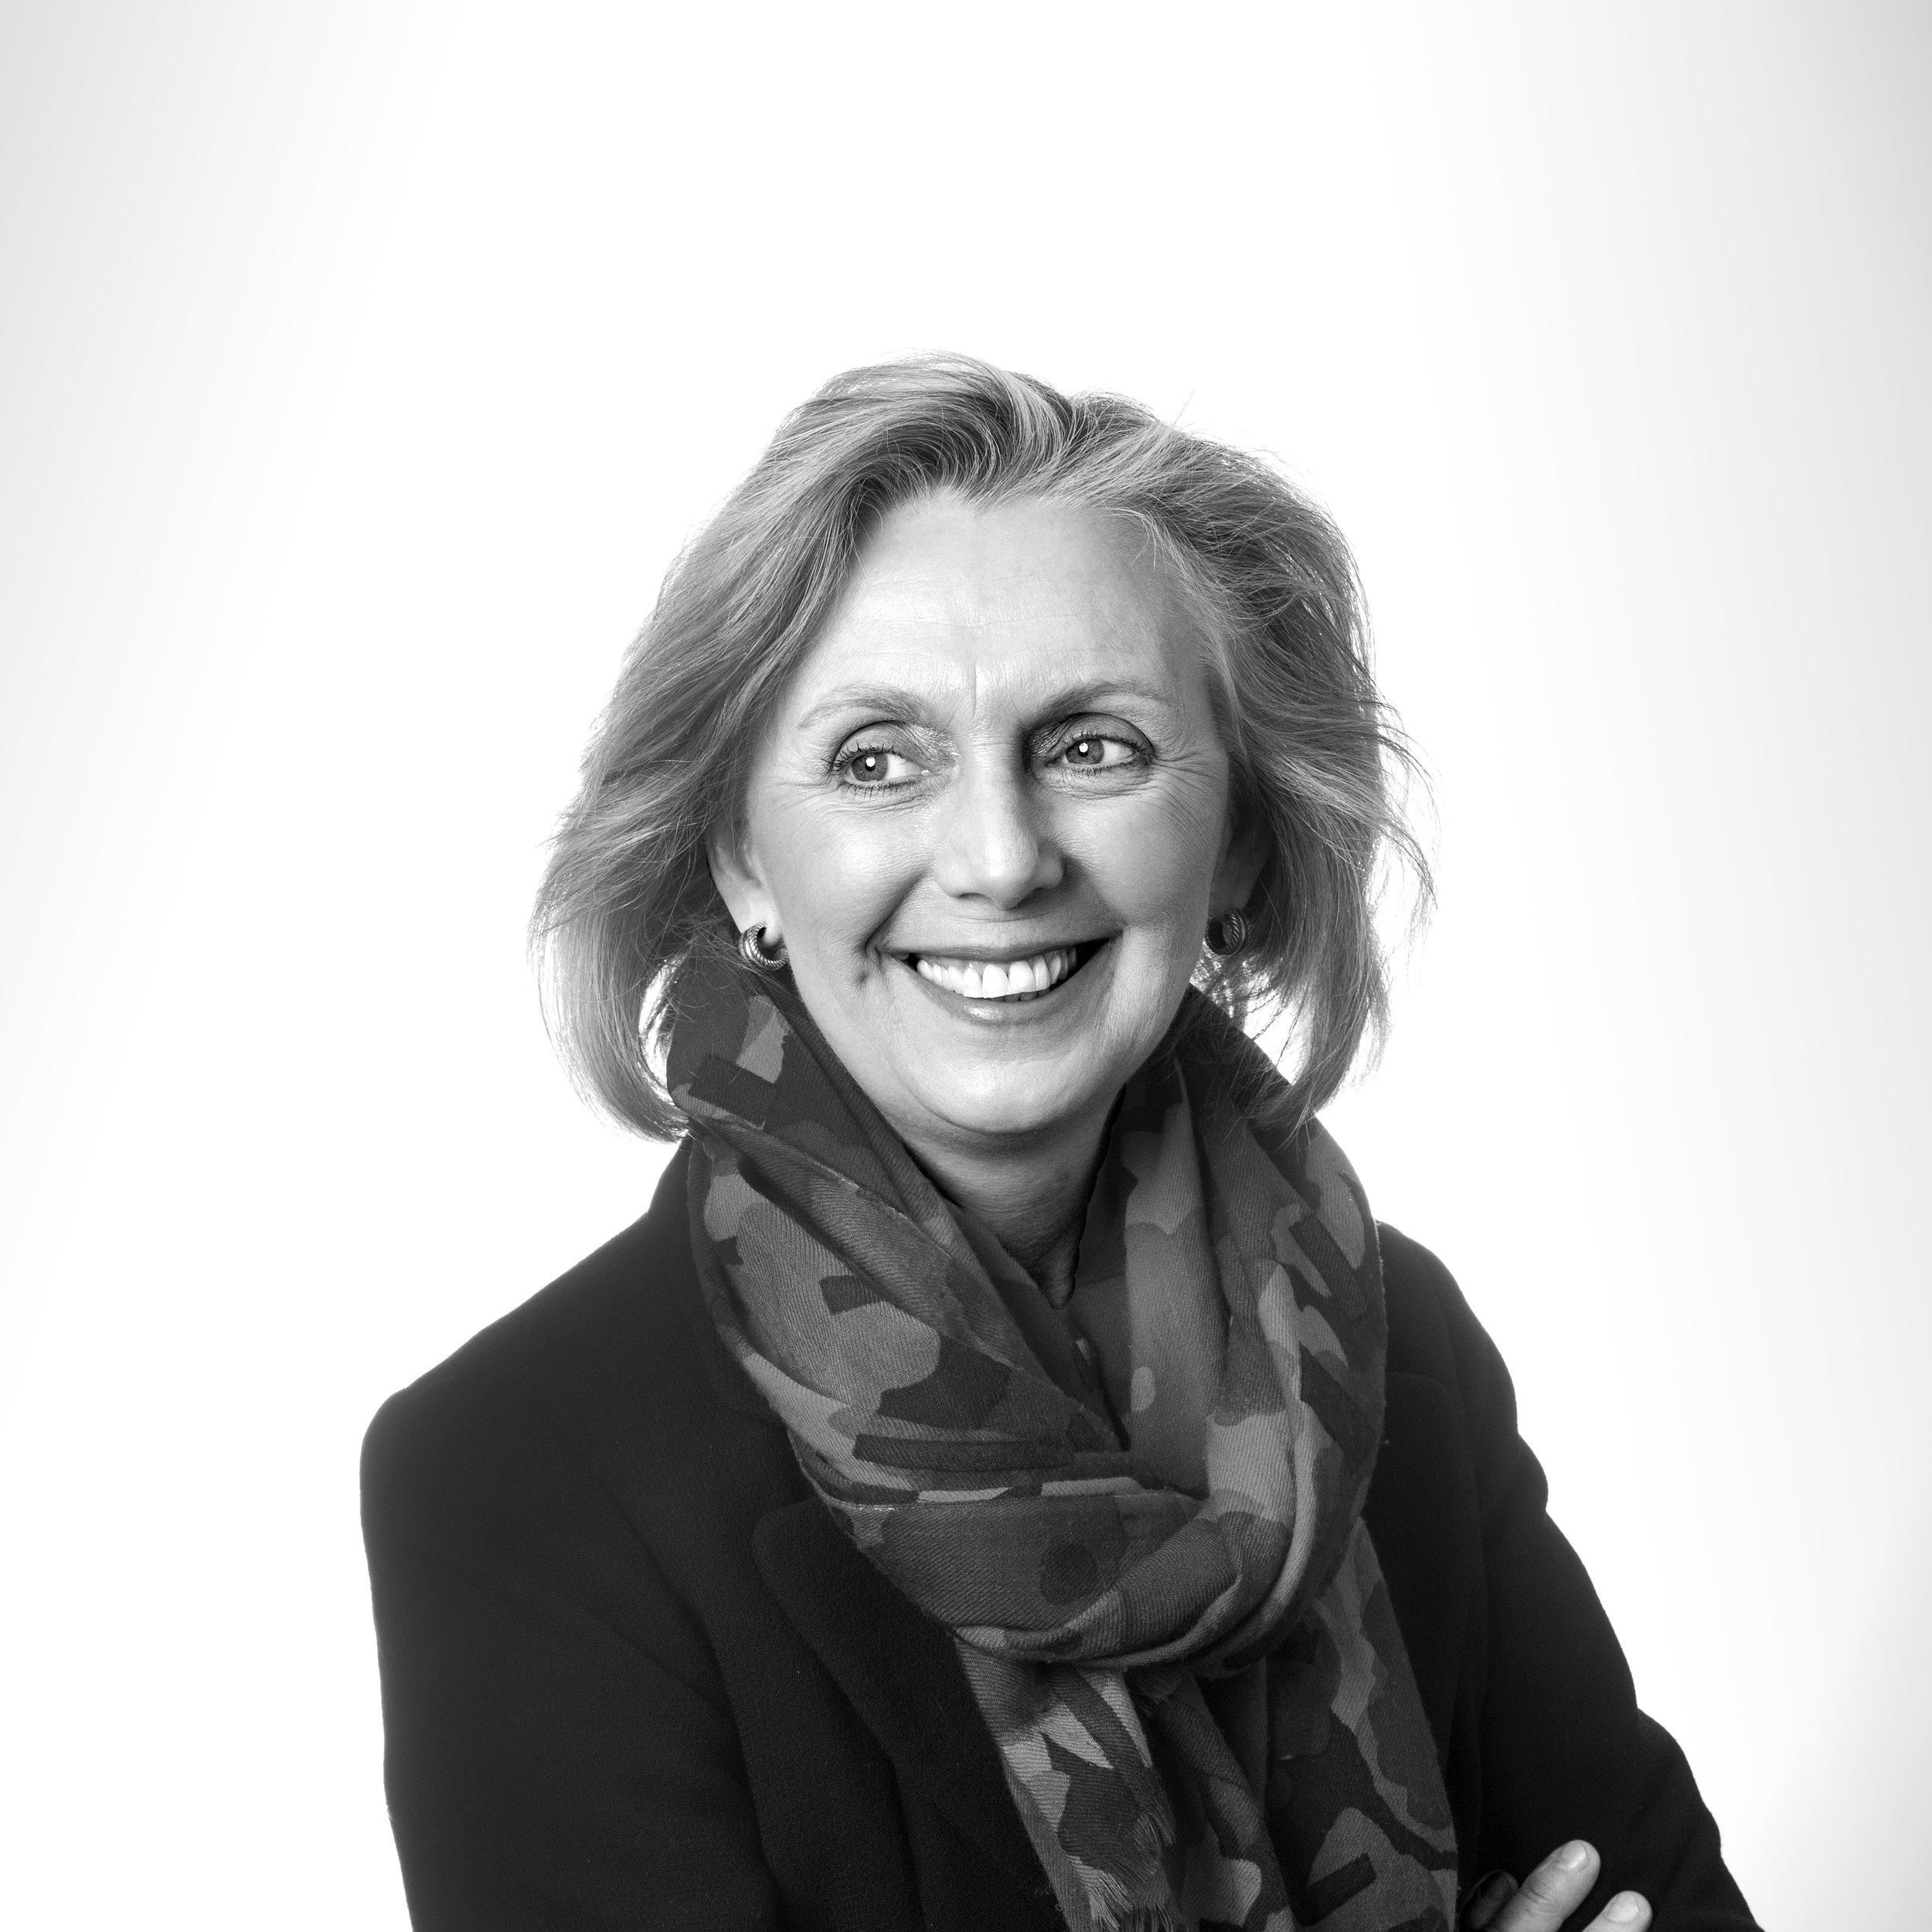 Barbara Piette - MANAGING PRINCIPAL